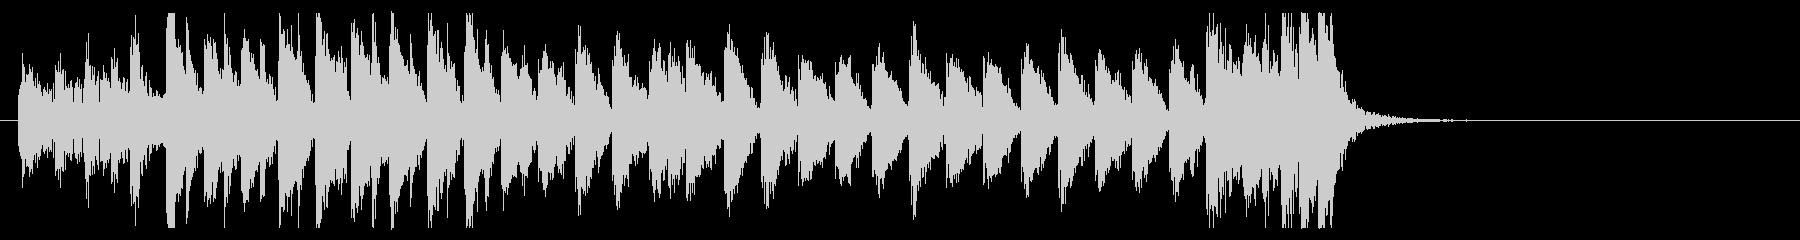 三味線 太鼓のアンサンブル2BPM136の未再生の波形